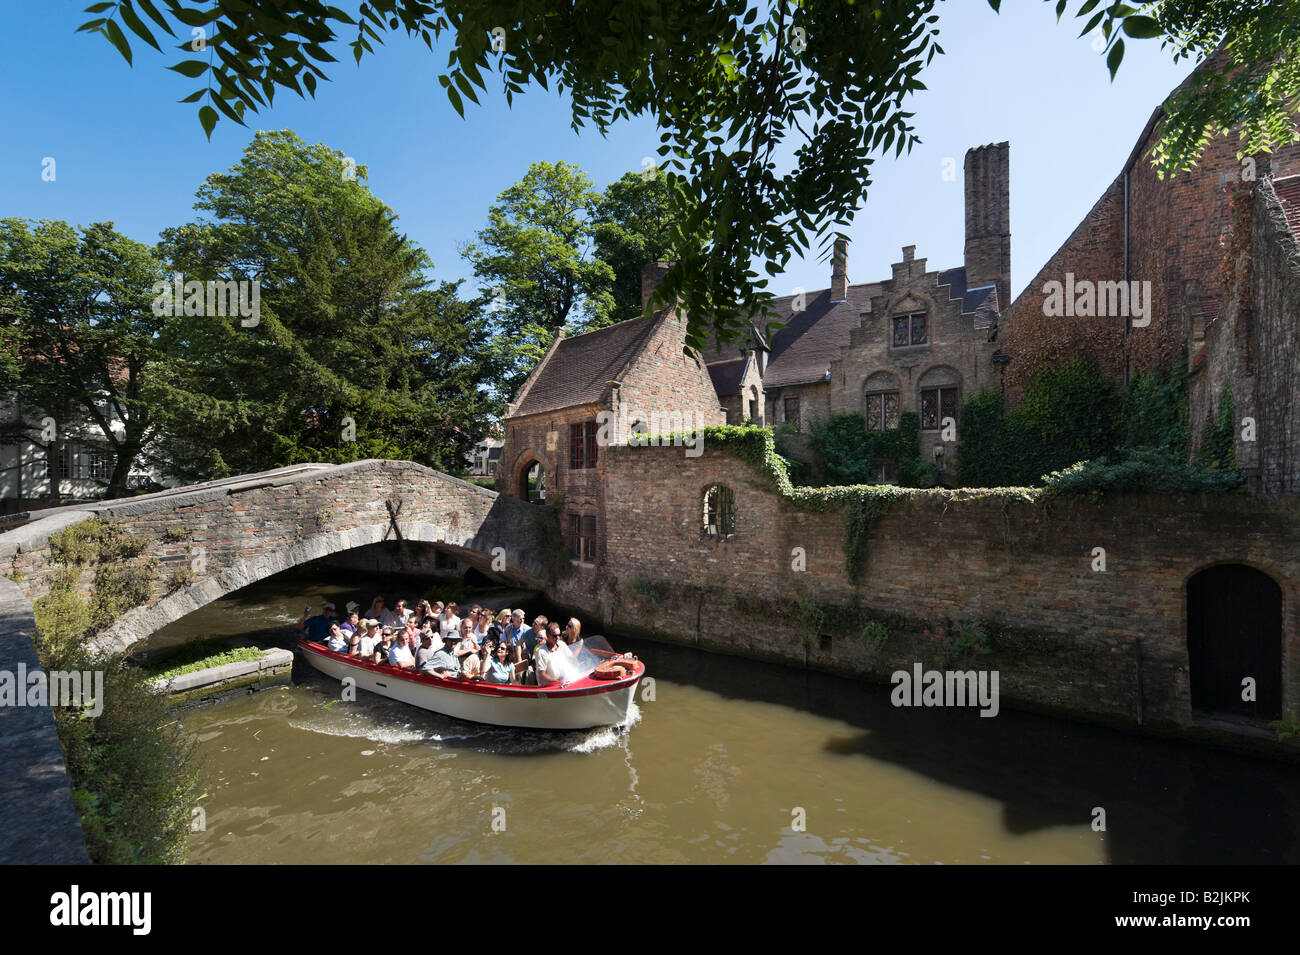 Canal y viaje en barco en el casco antiguo de St, Arantspark Bonifaciusbrug, Brujas, Bélgica Imagen De Stock